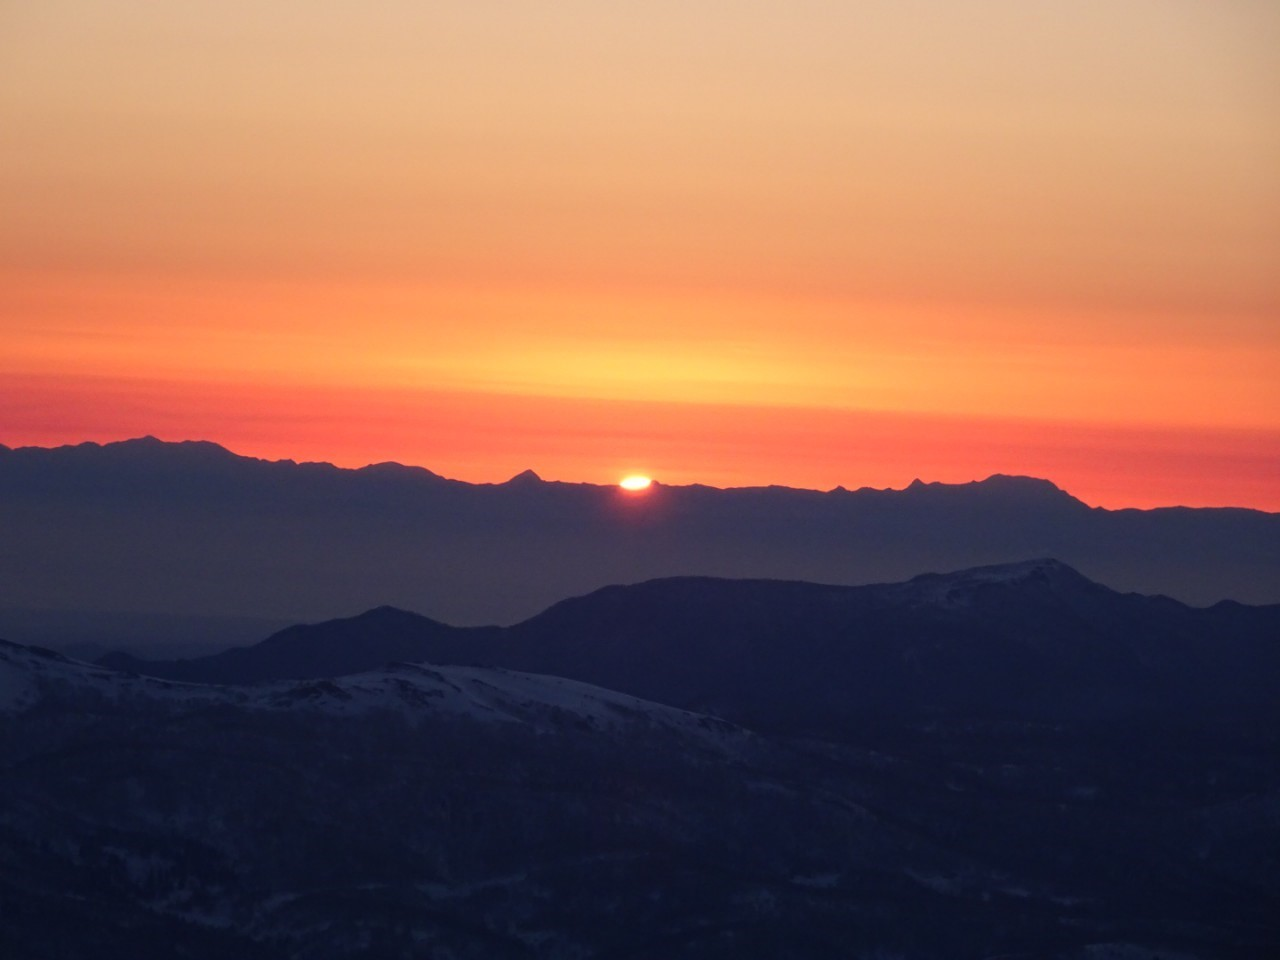 羊蹄山ご来光登山、2019.4.21ー同行者からの写真ー_f0138096_18255047.jpg